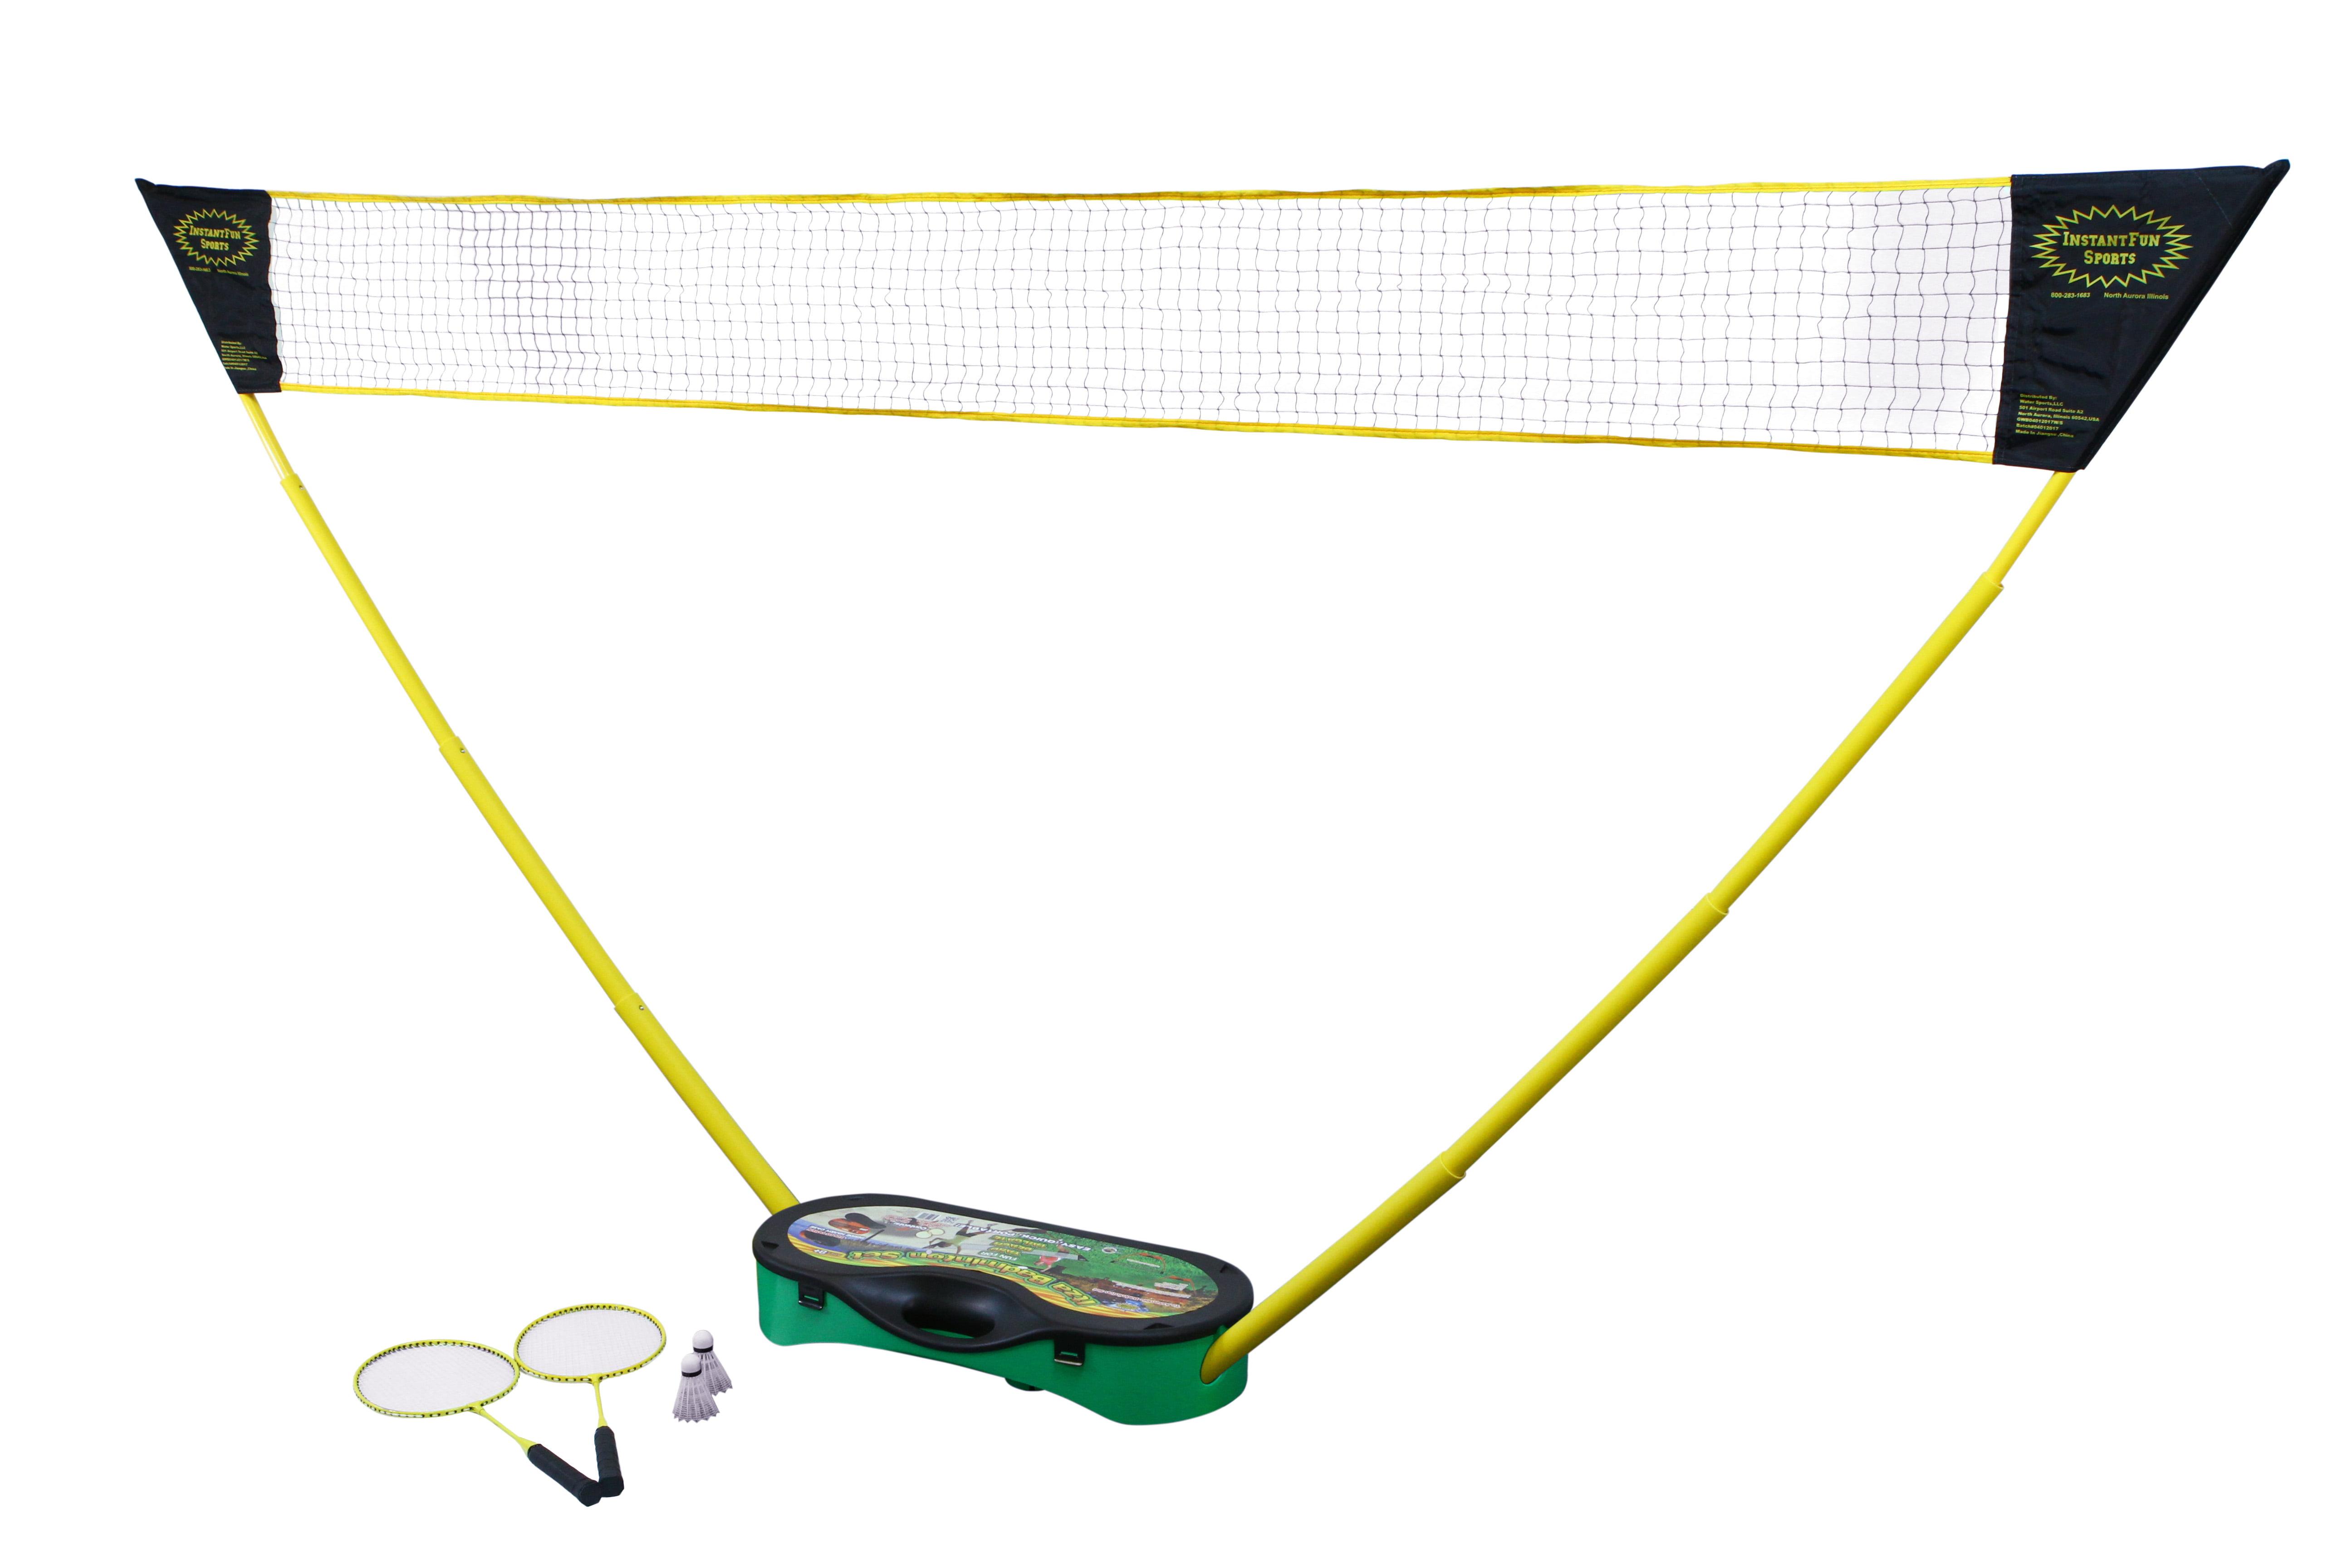 aba6f17db Itza Badminton Set - Walmart.com